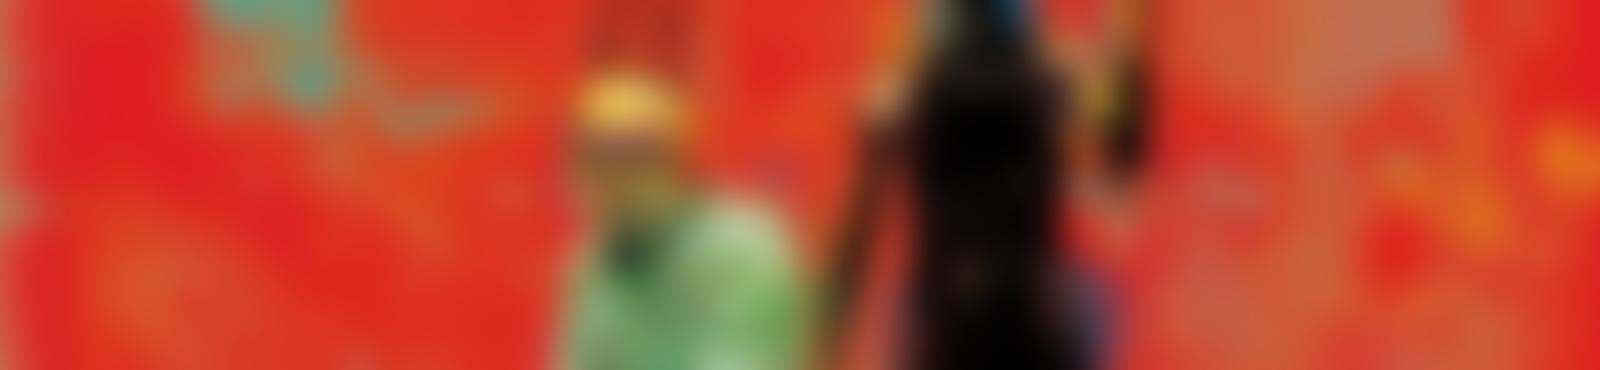 Blurred be67086d 05f8 40d1 980f d6dc4f75640b